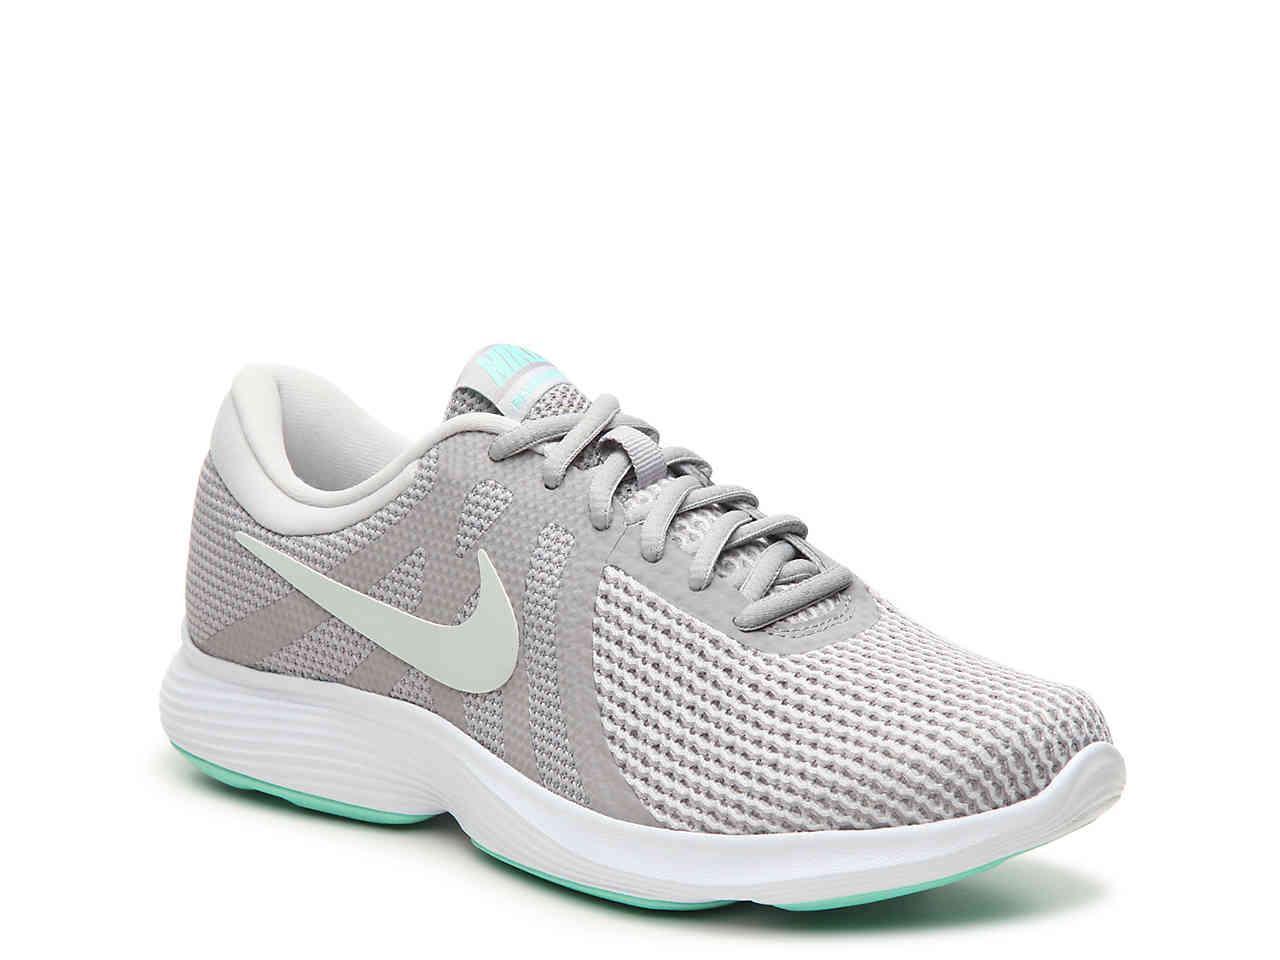 7351f7310e6 Lyst - Nike Revolution 4 Lightweight Running Shoe in White